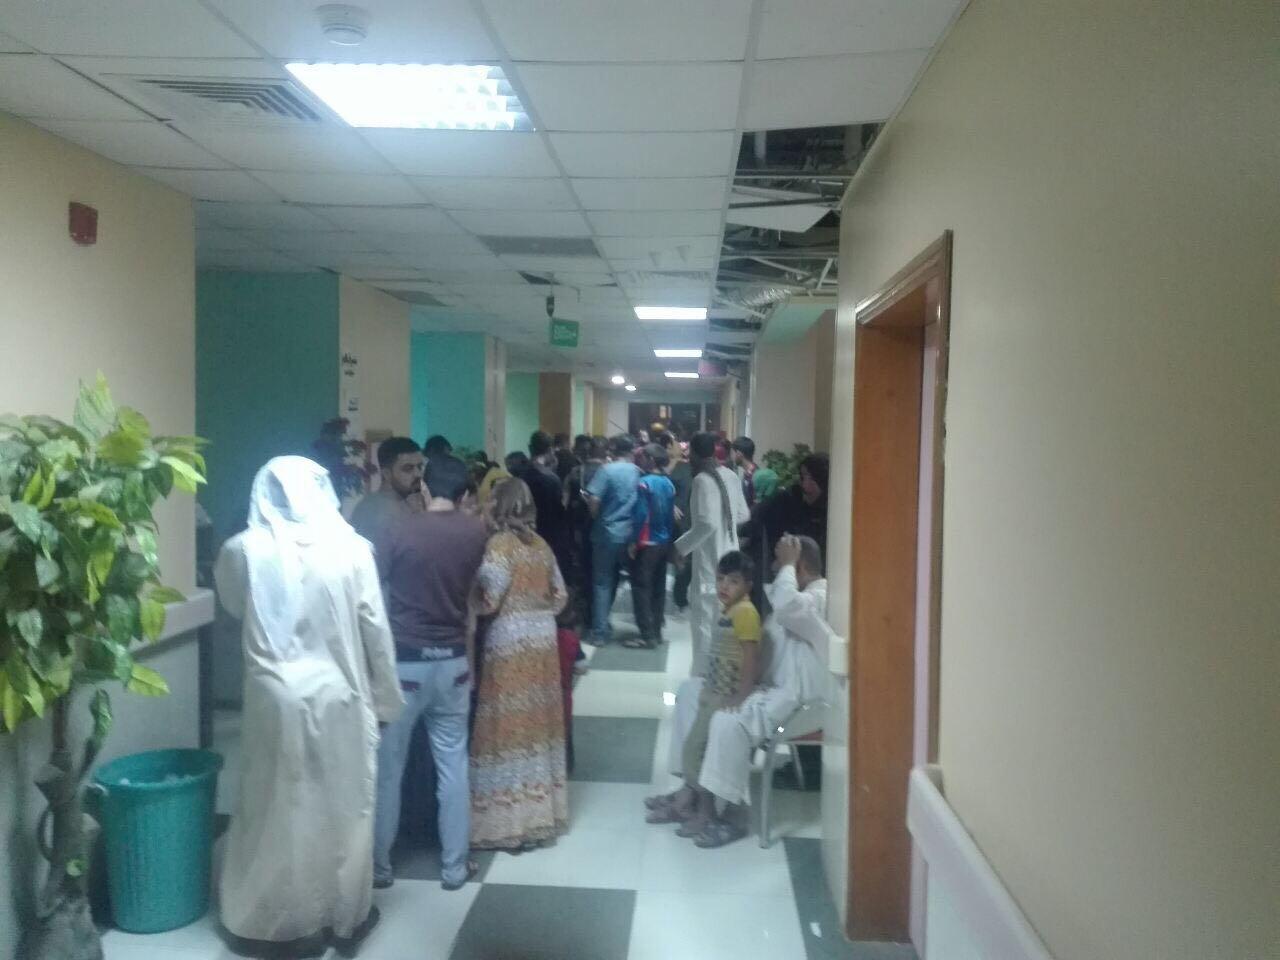 """مستشفى الفلوجة يستقبل 60 حالة تسمم نتيجة """"زيادة"""" بالكلور في احدى محطات مياه المدينة"""